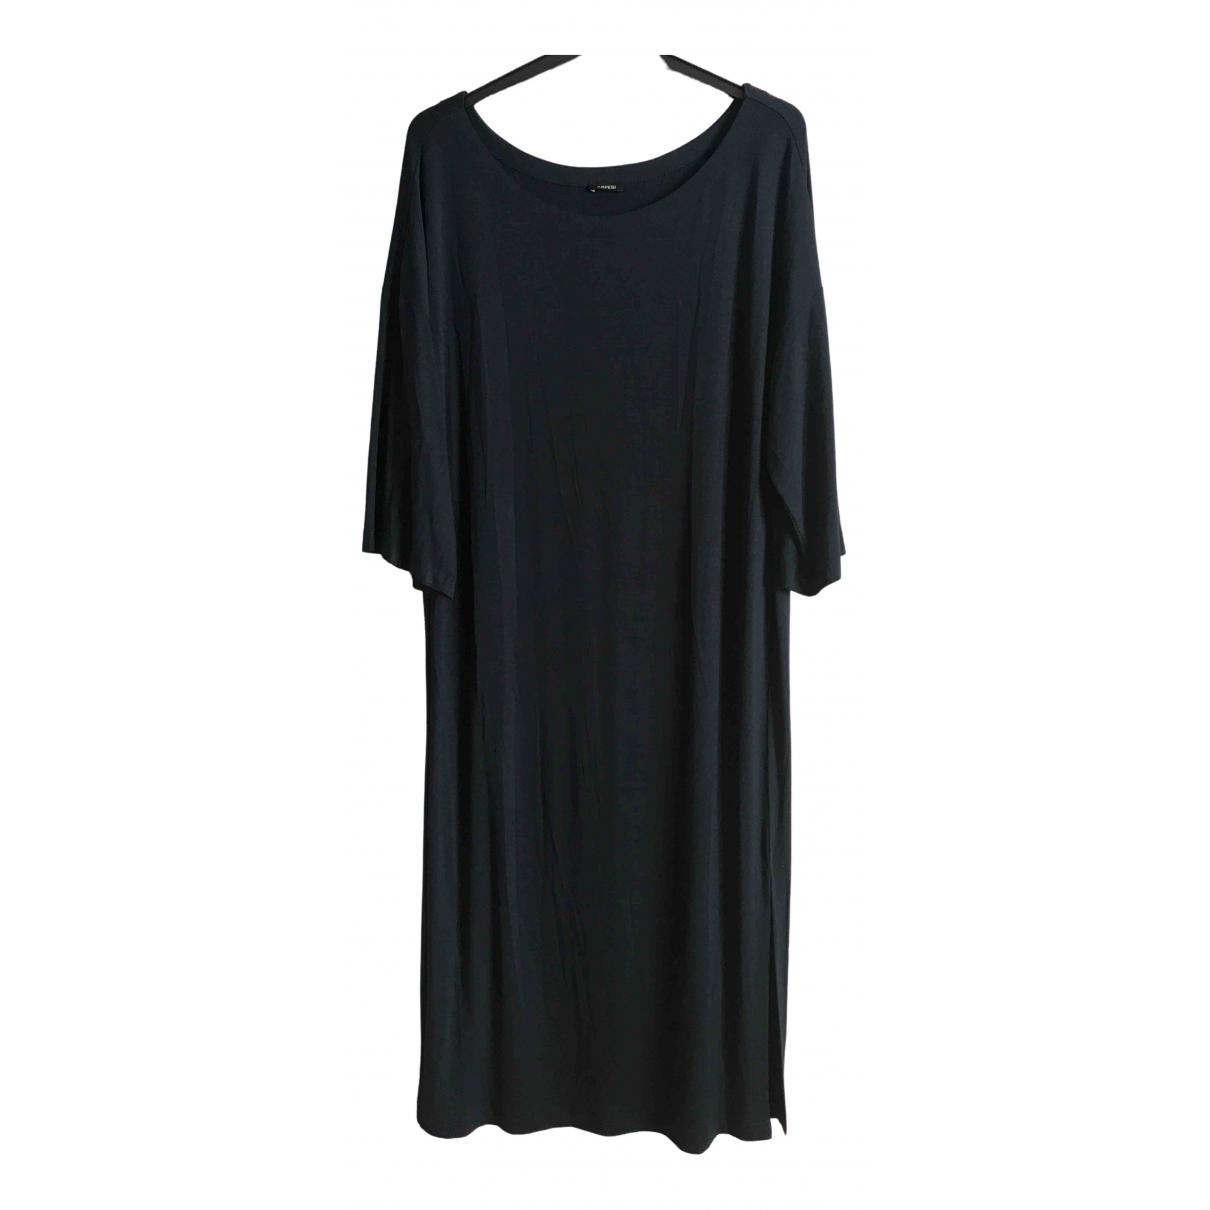 Aspesi \N Blue dress for Women S International